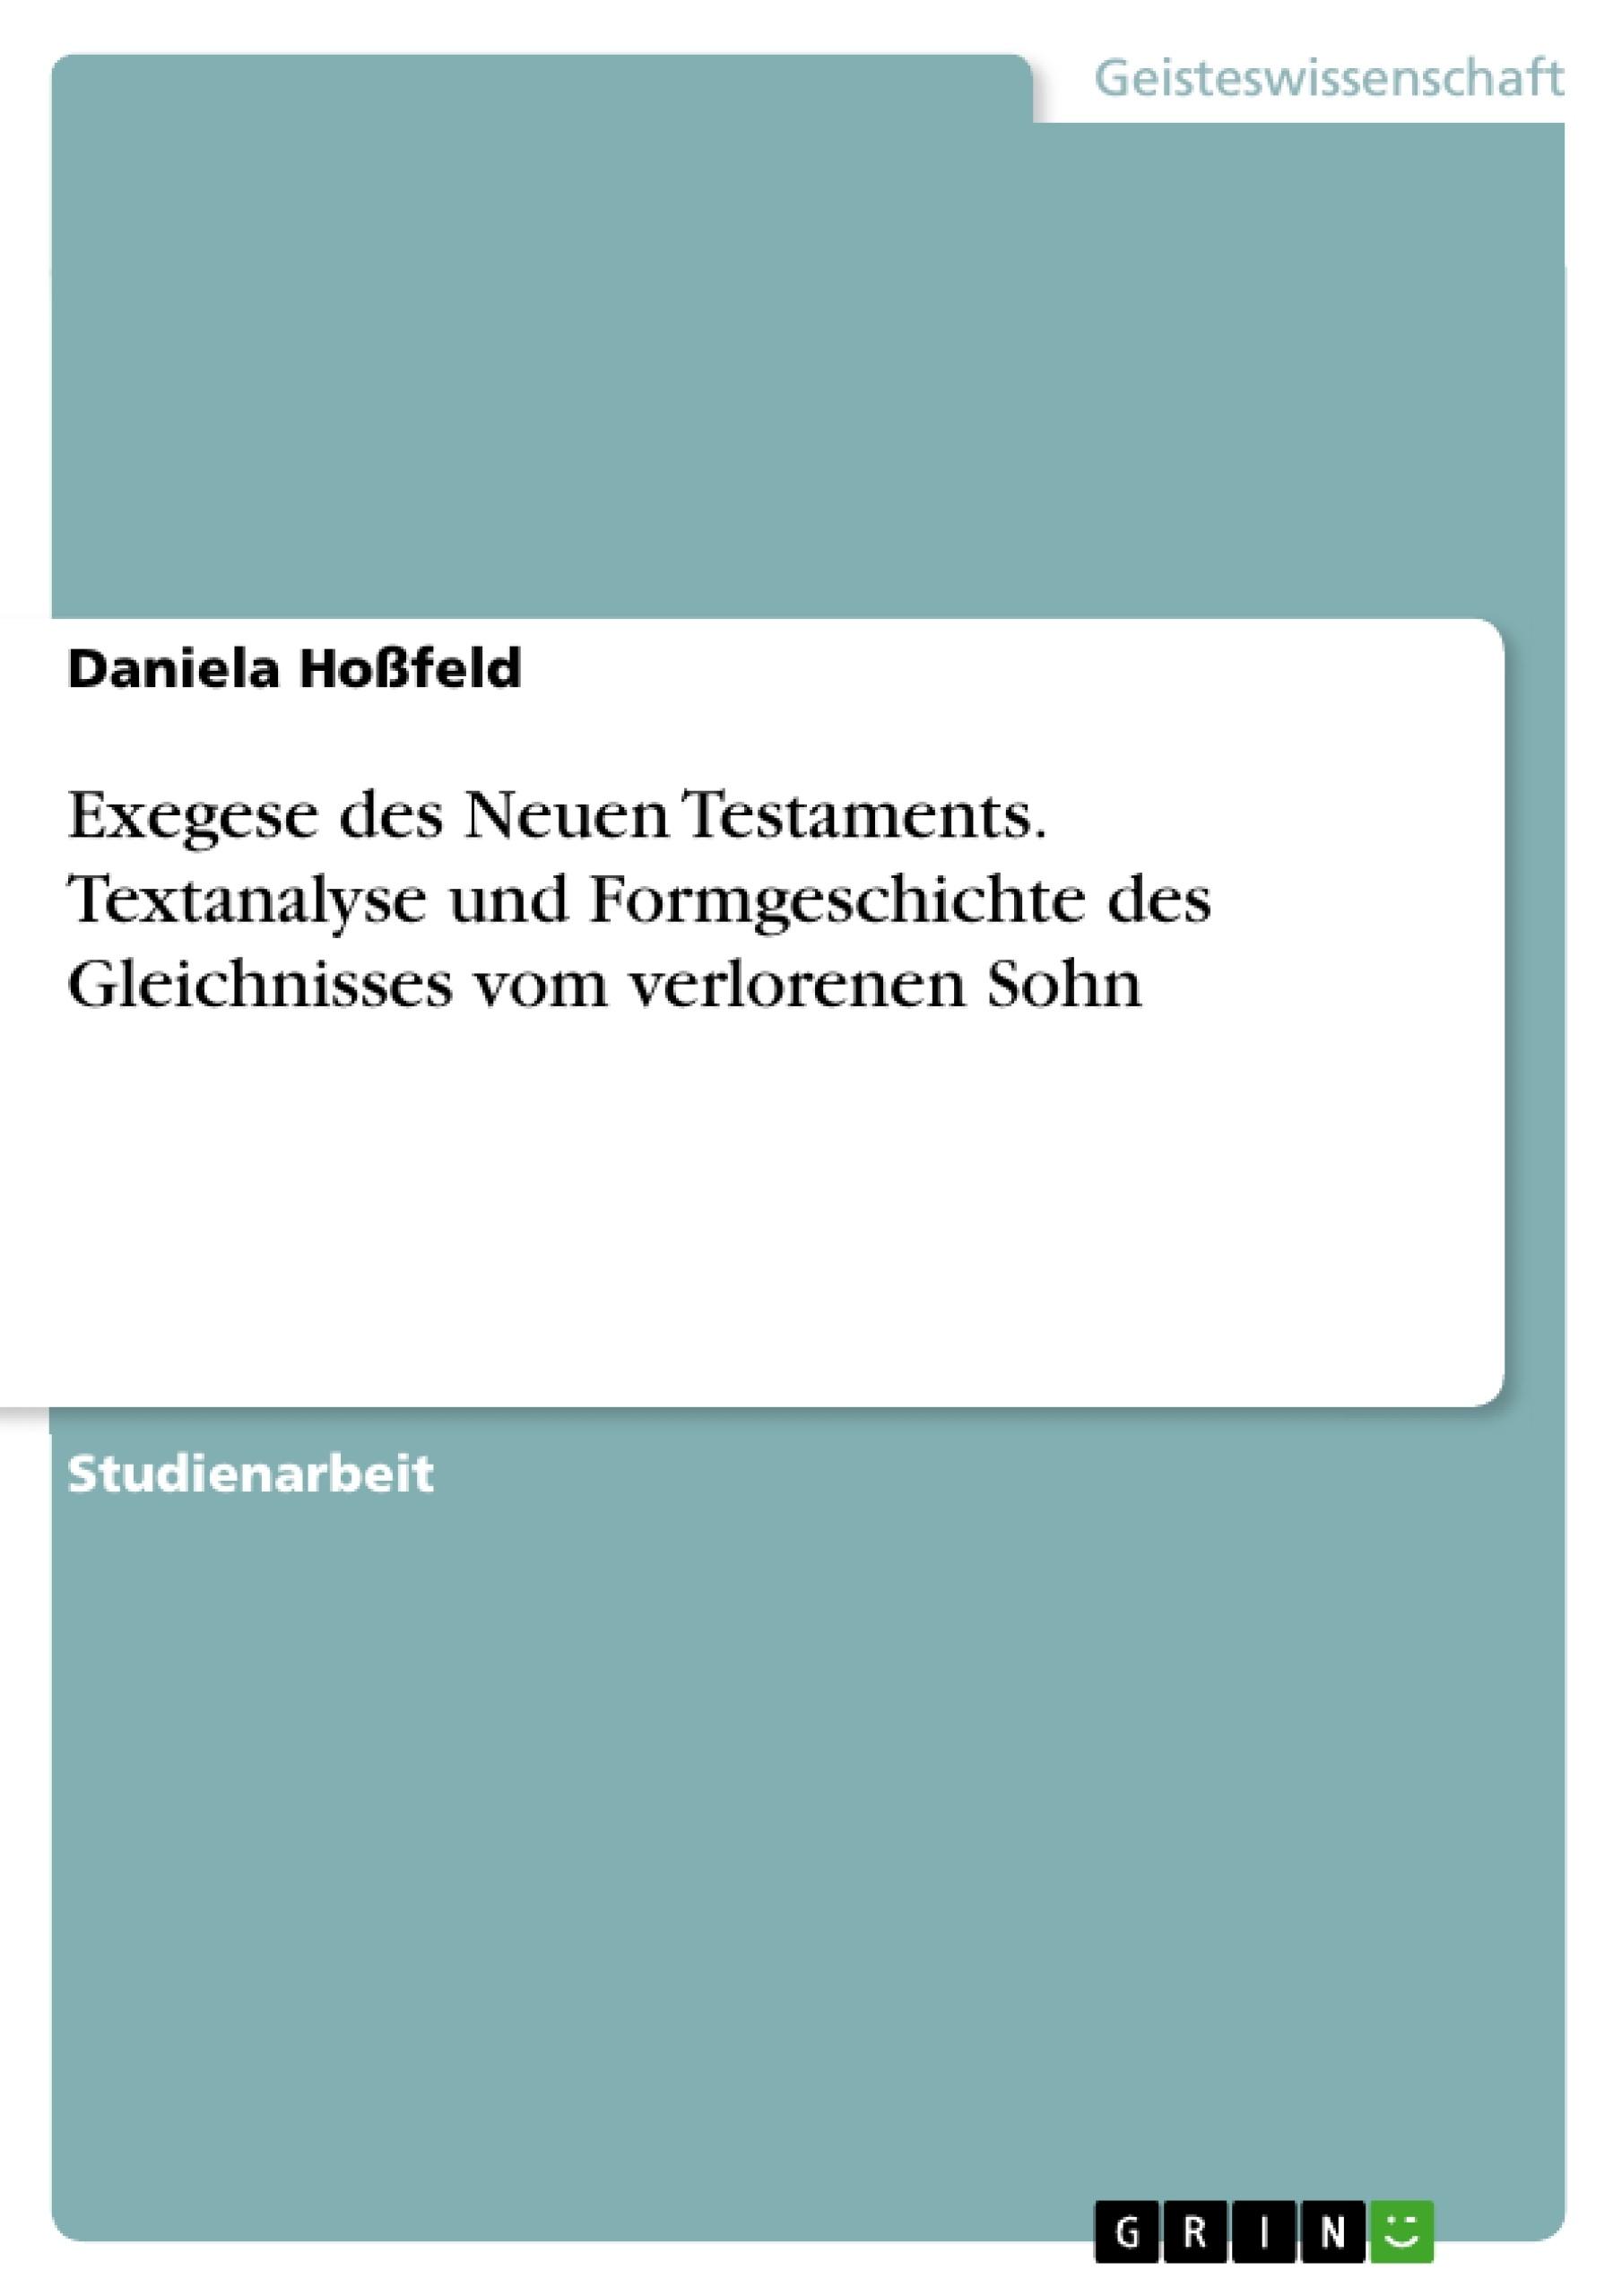 Titel: Exegese des Neuen Testaments. Textanalyse und Formgeschichte des Gleichnisses vom verlorenen Sohn